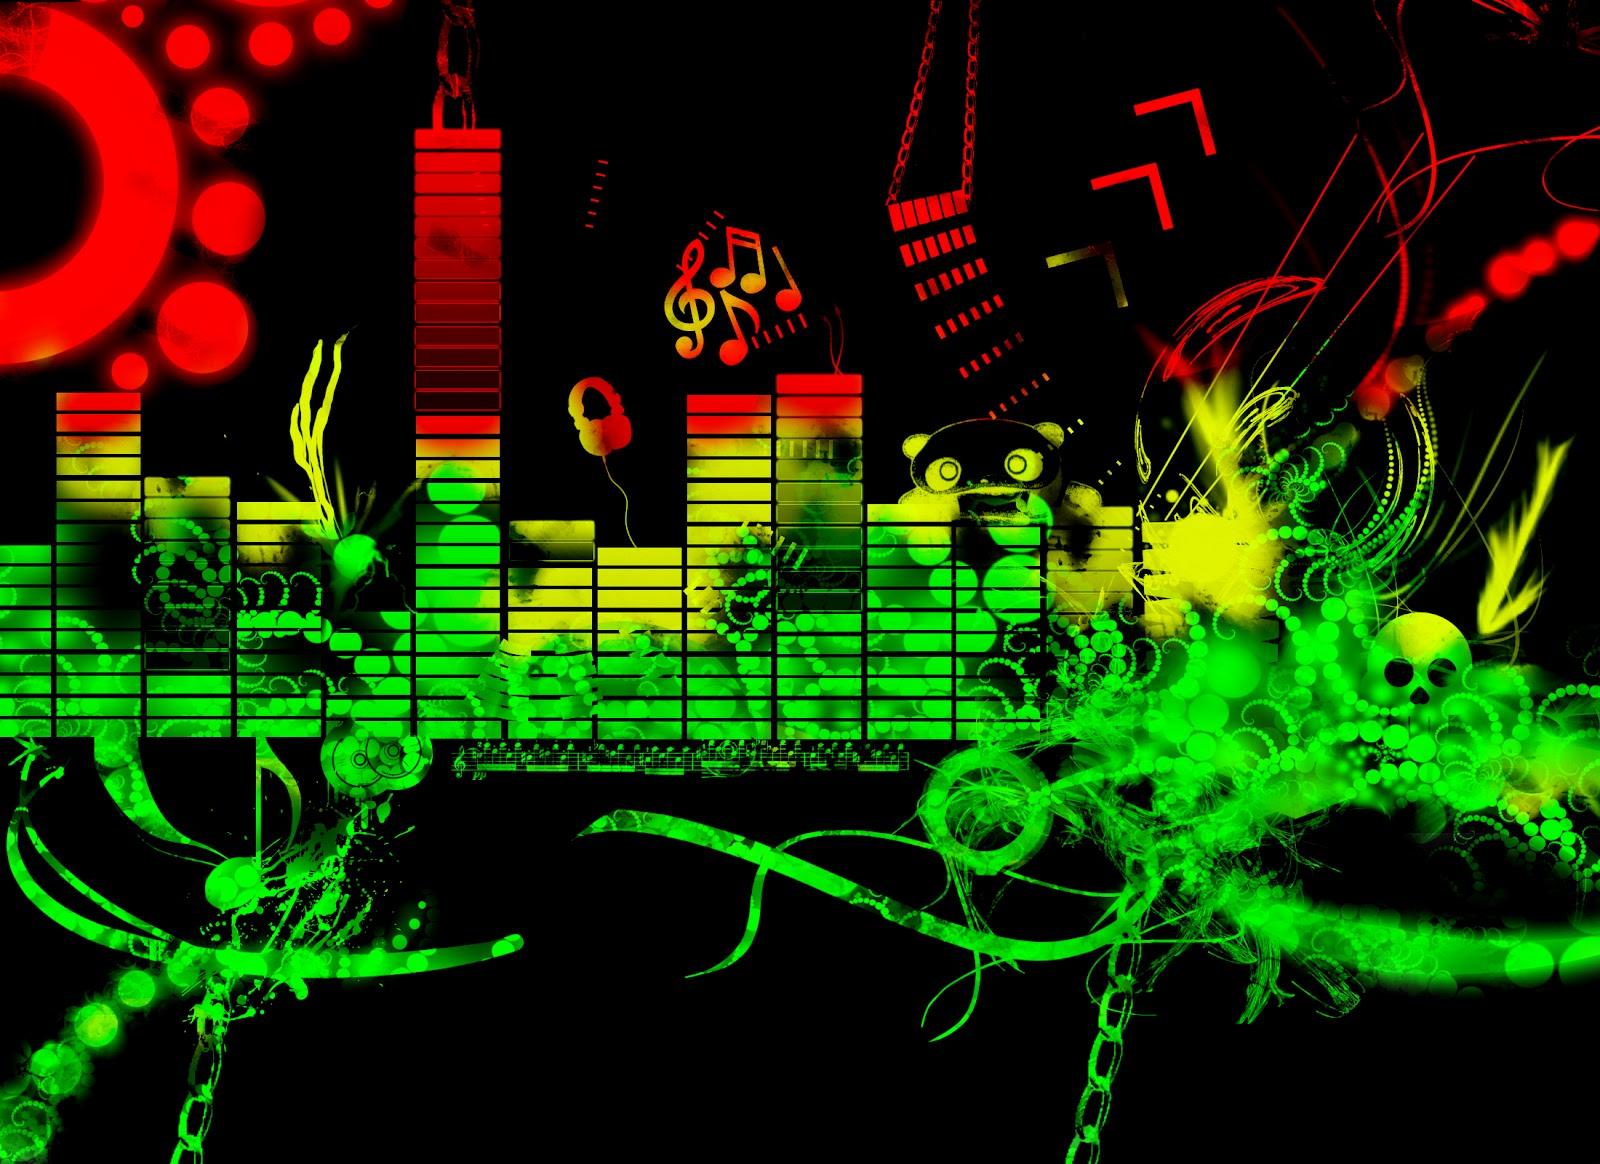 13530_2d_equalizer_music.jpg